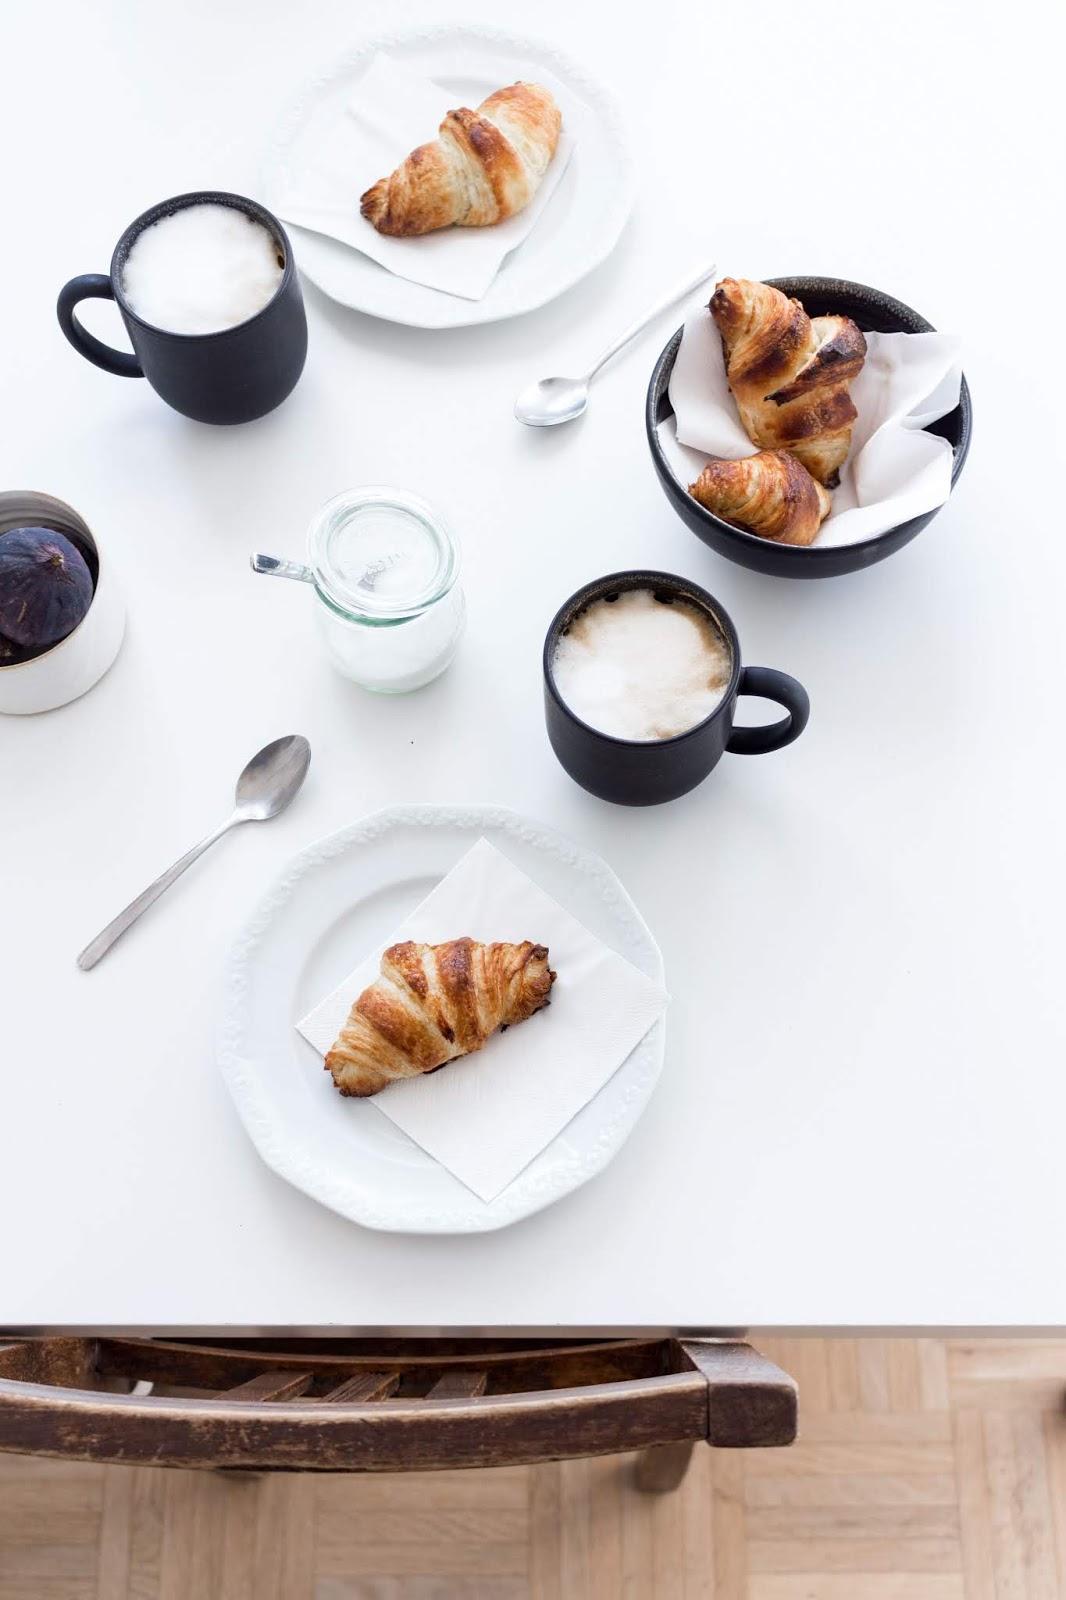 Interior | Die neue Kaffeeecke im Wohnbereich | www.scandiinspiration.com